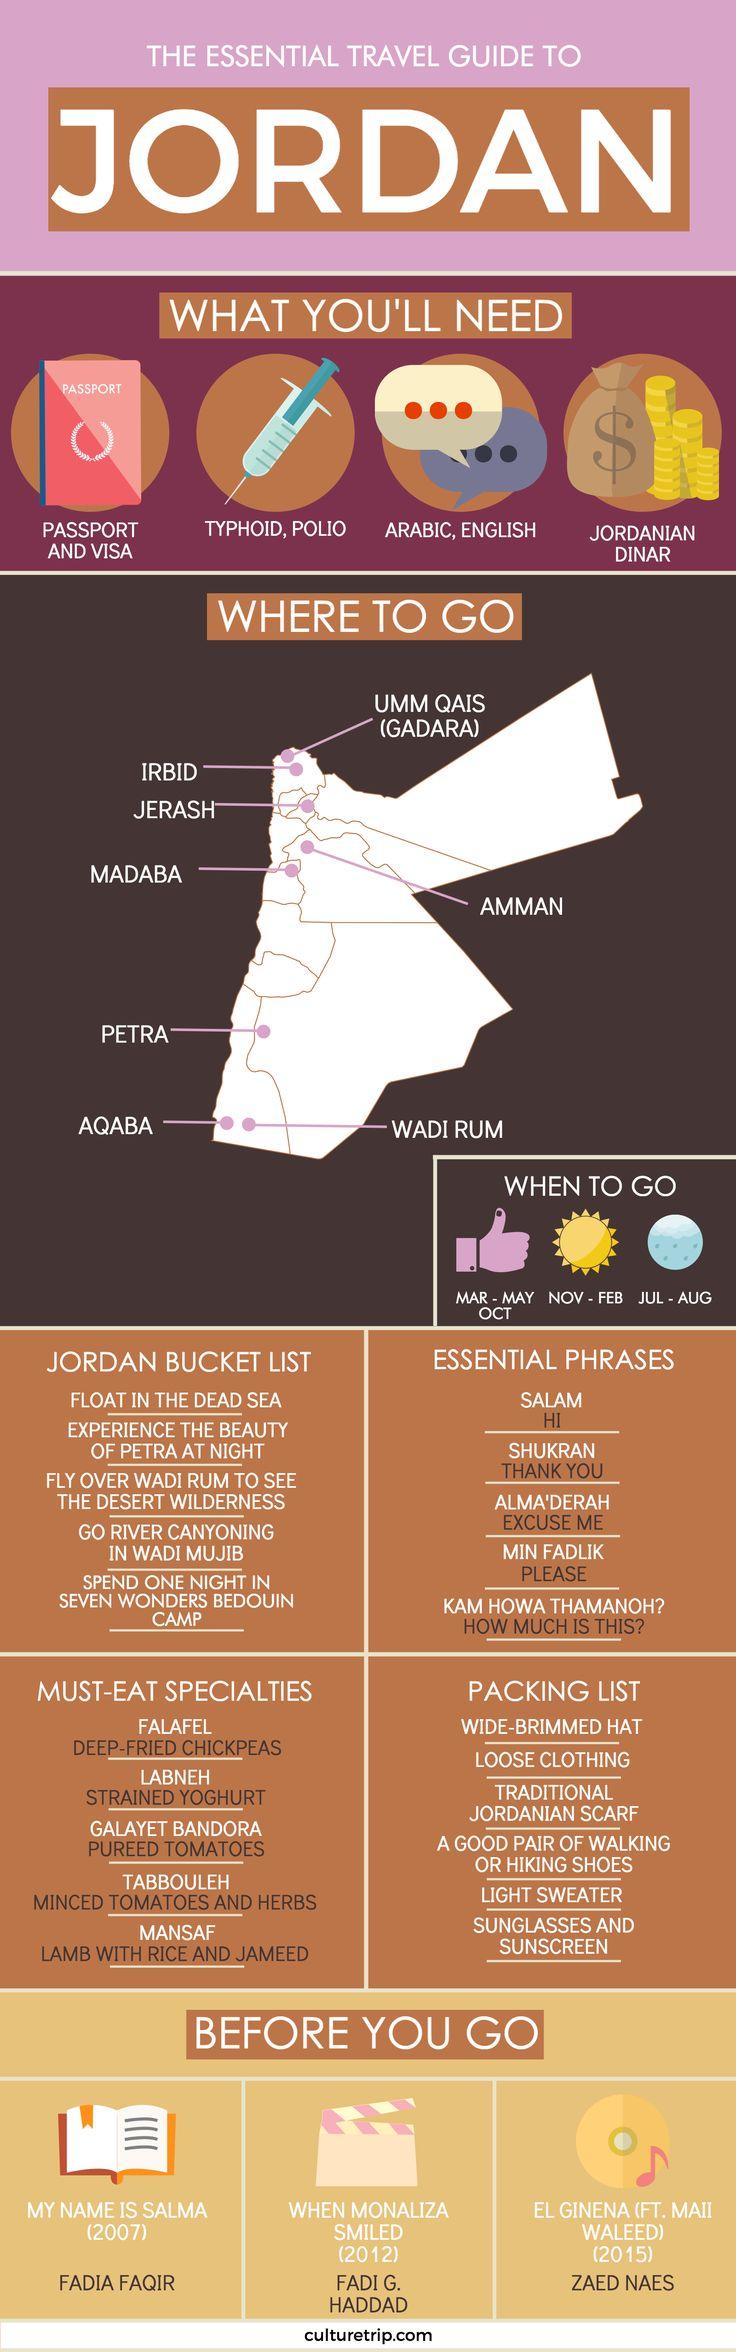 The Ultimate Guide To Jordan